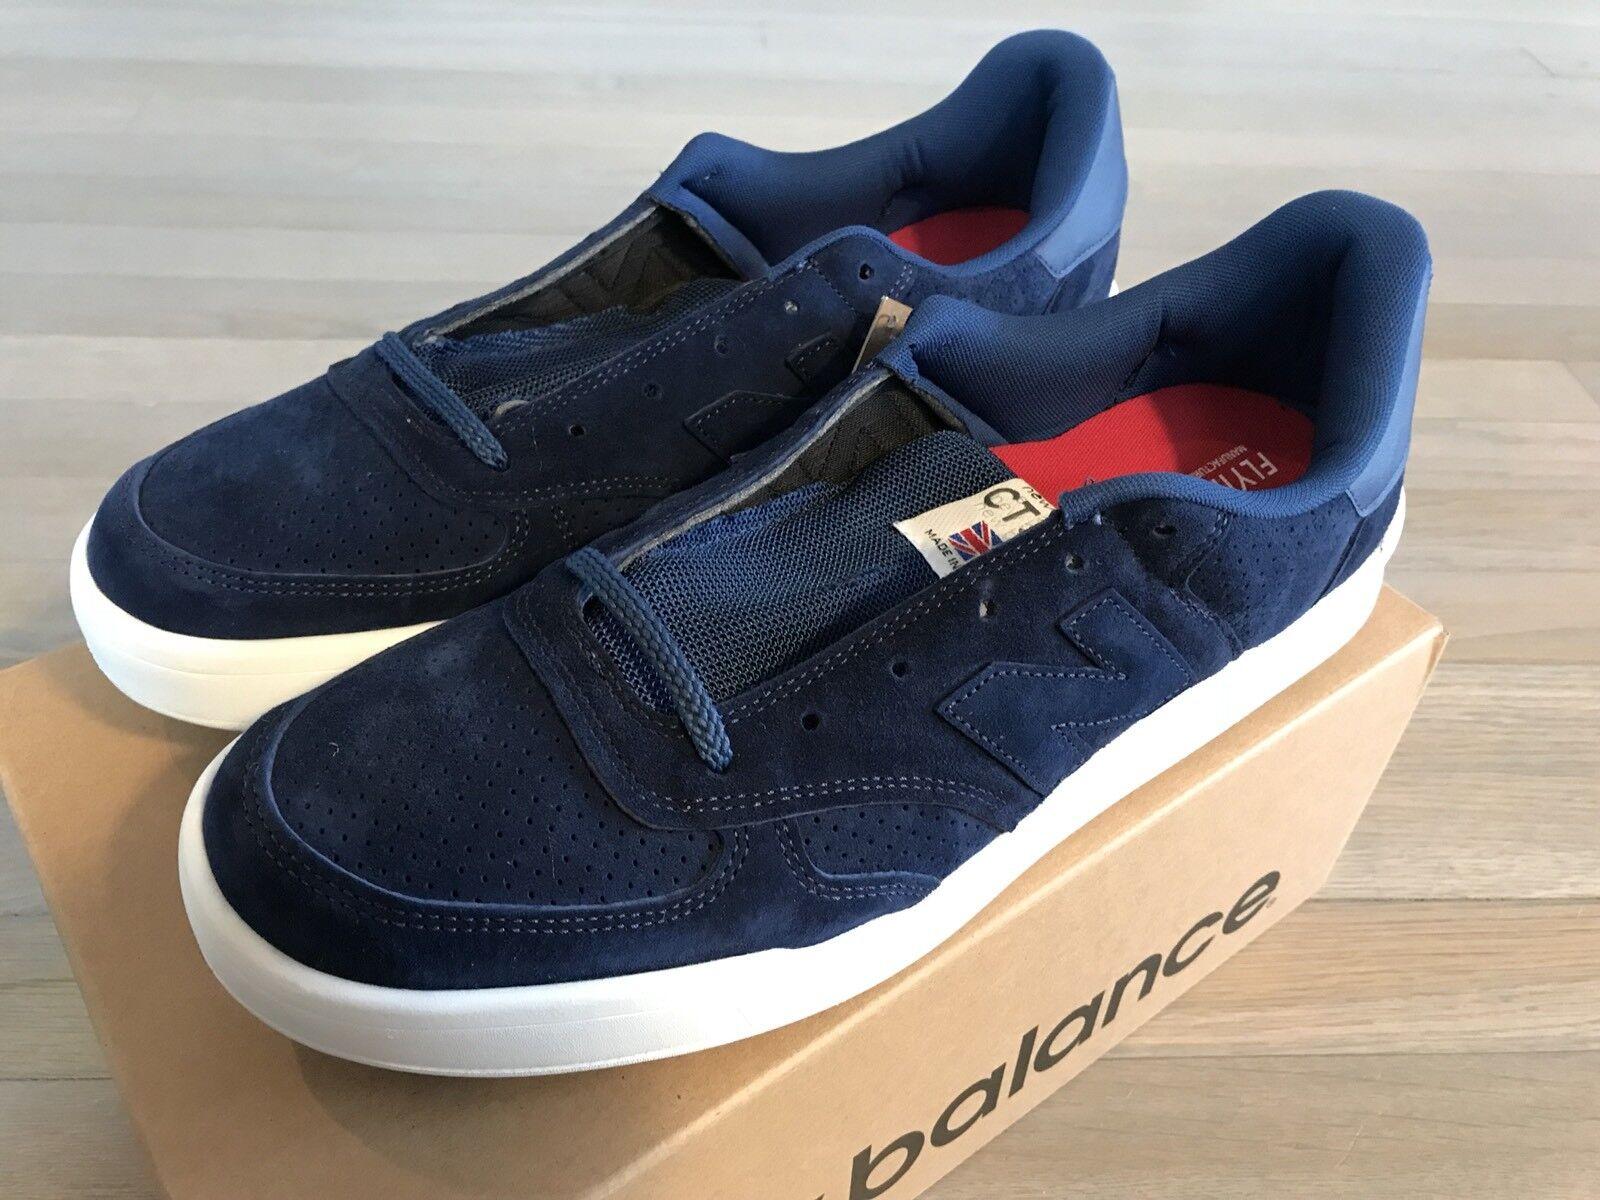 New zapatos Balance CT 300 zapatos New de gamuza azul comodo d89a0d